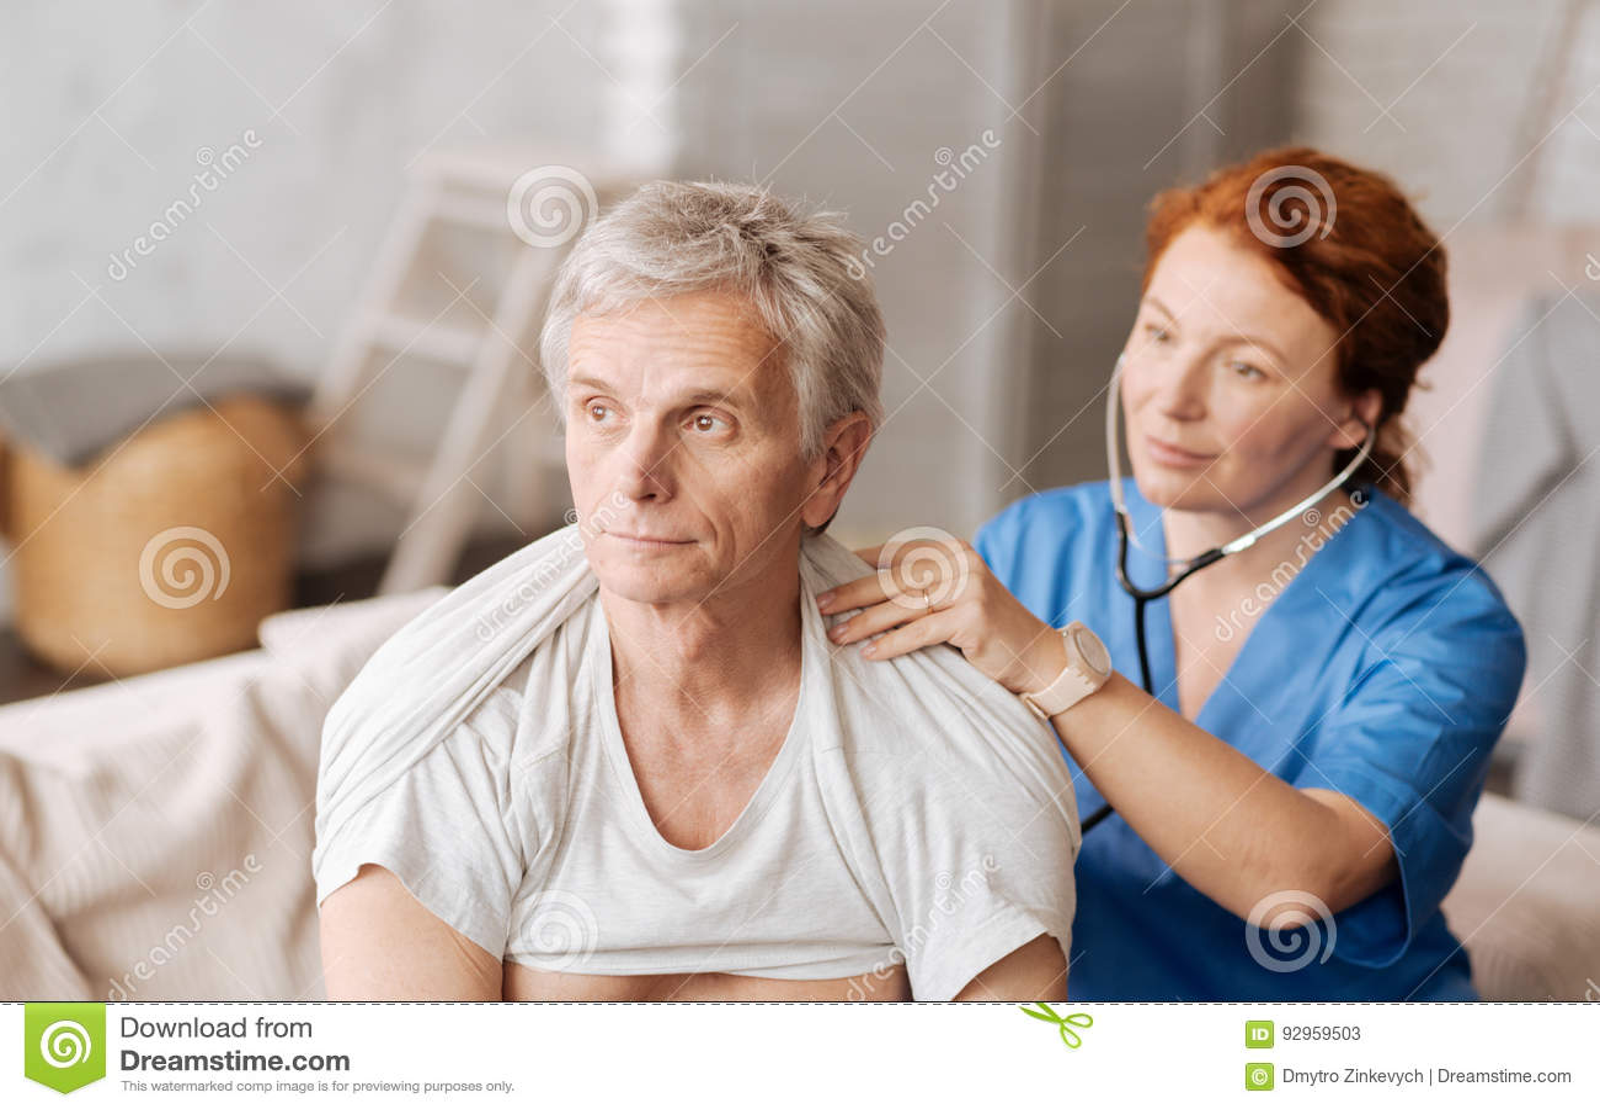 Handsome guy gets medical examination